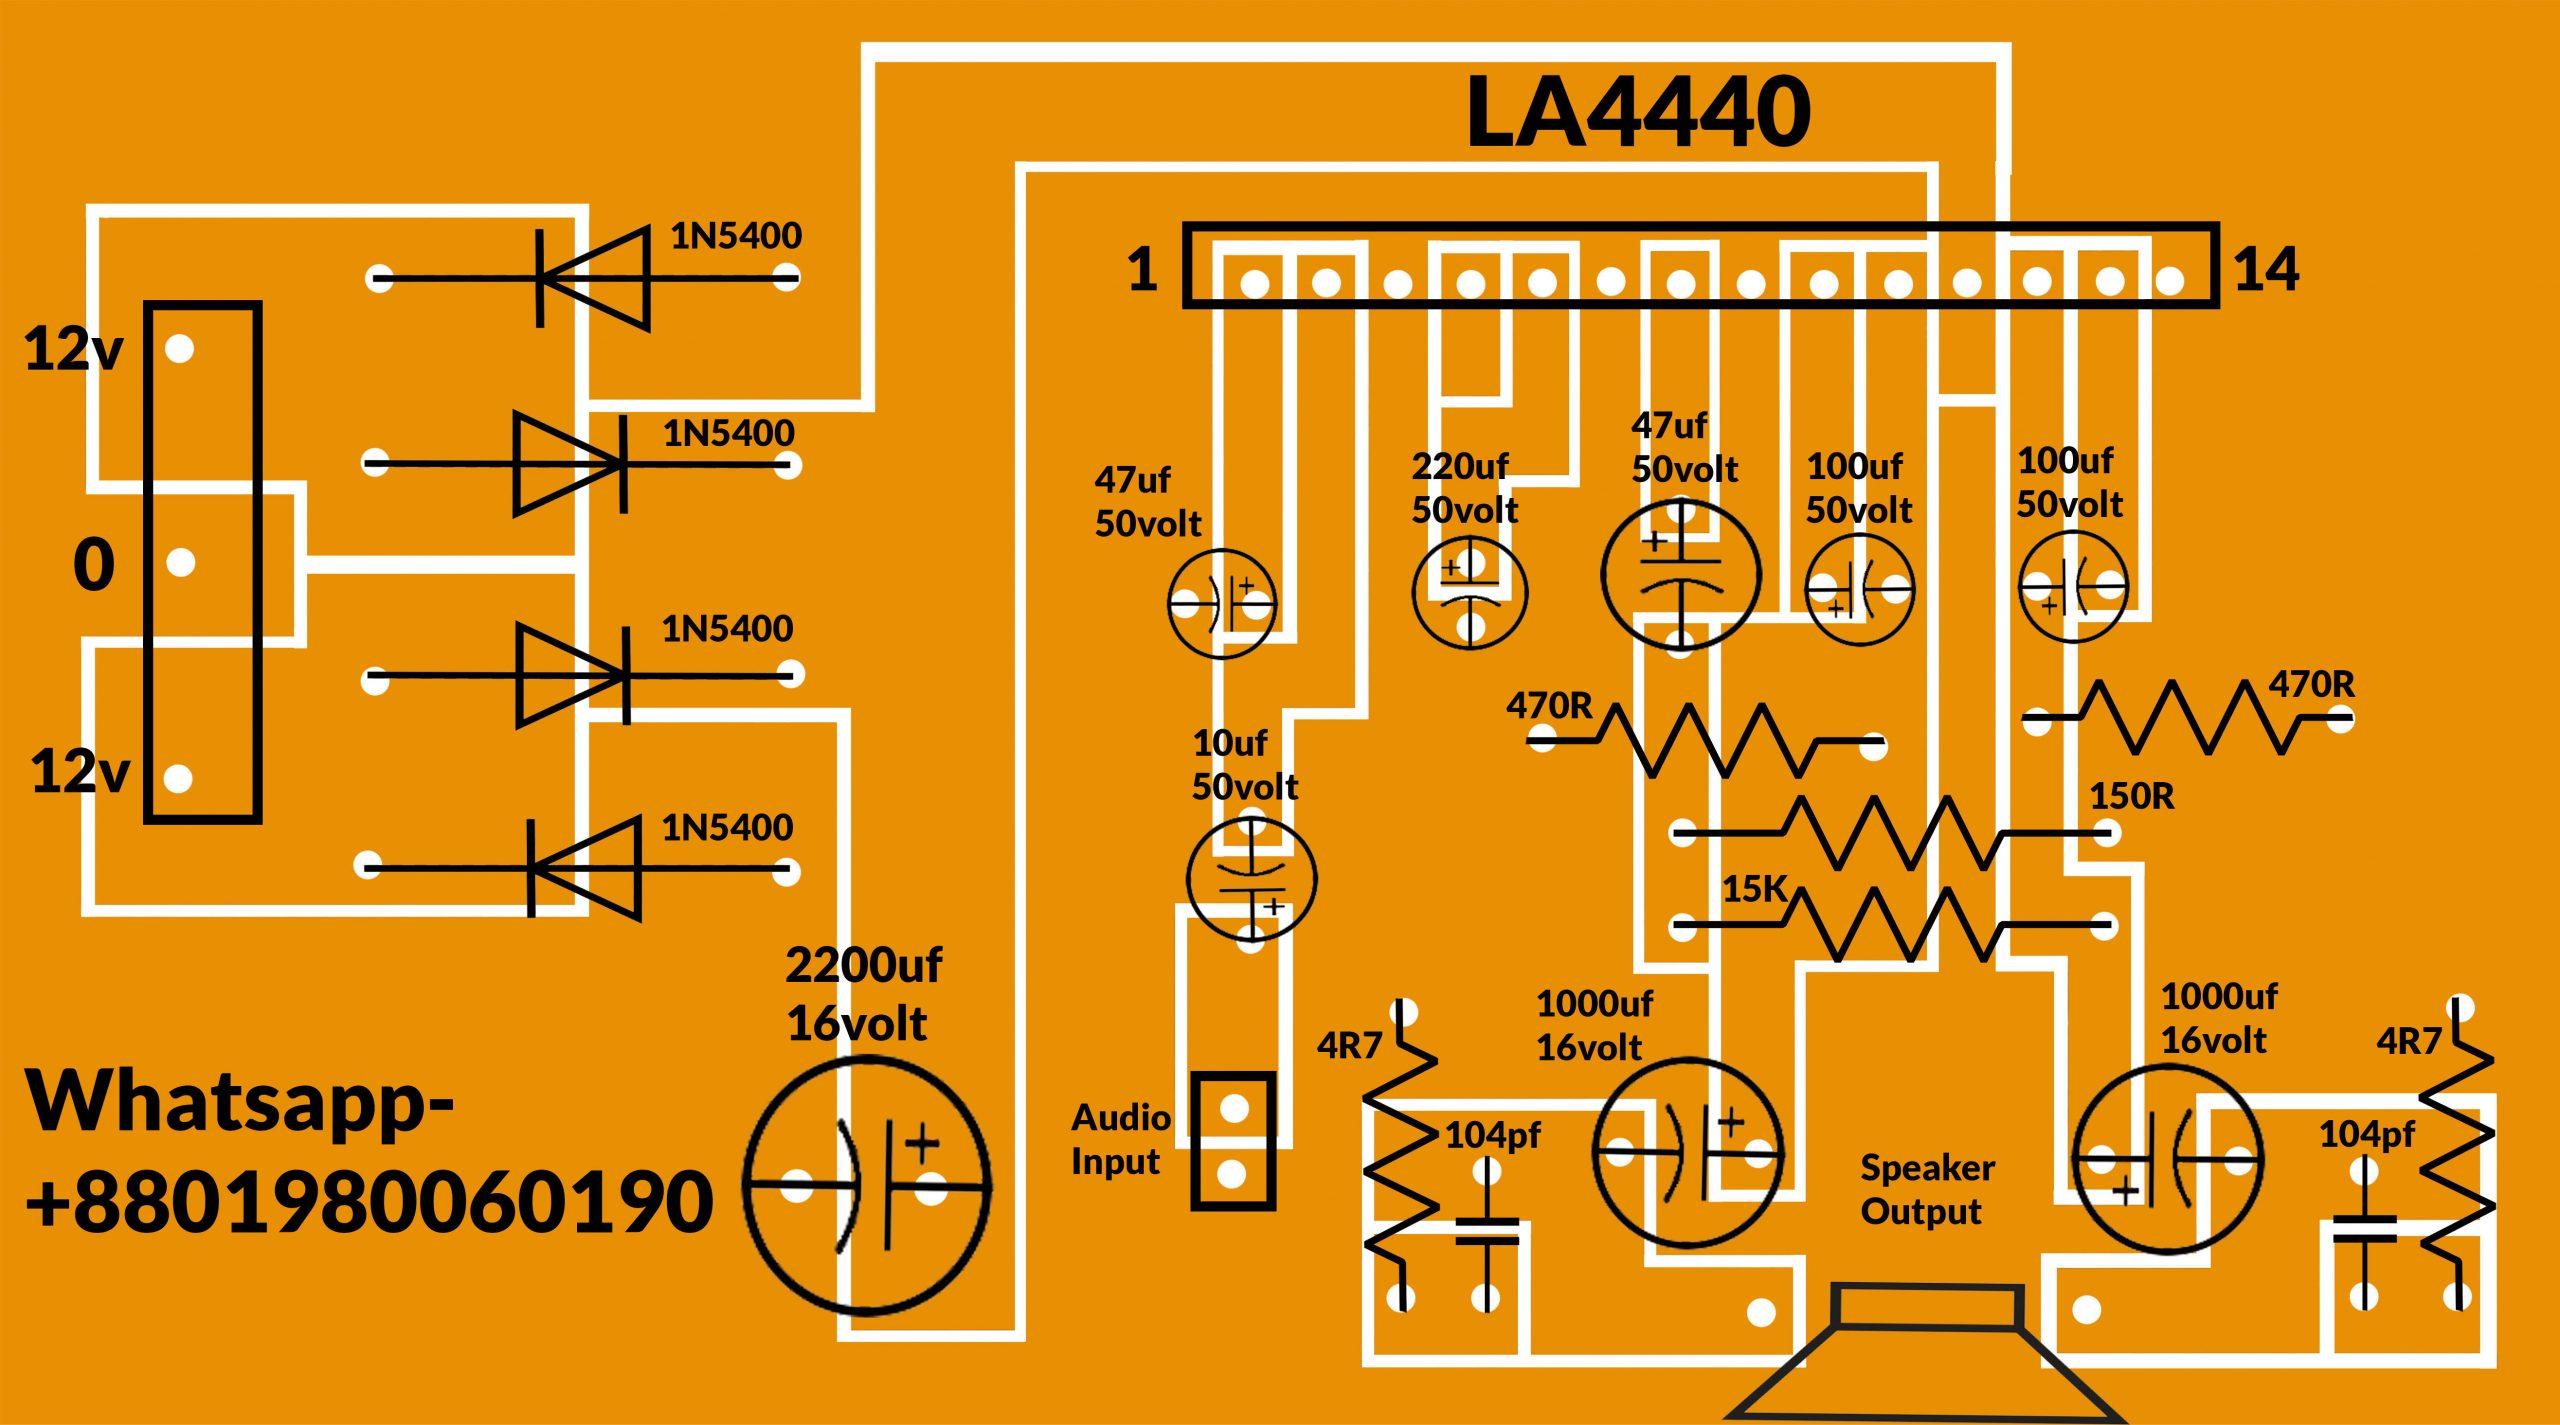 LA4440 mono circuit diagram